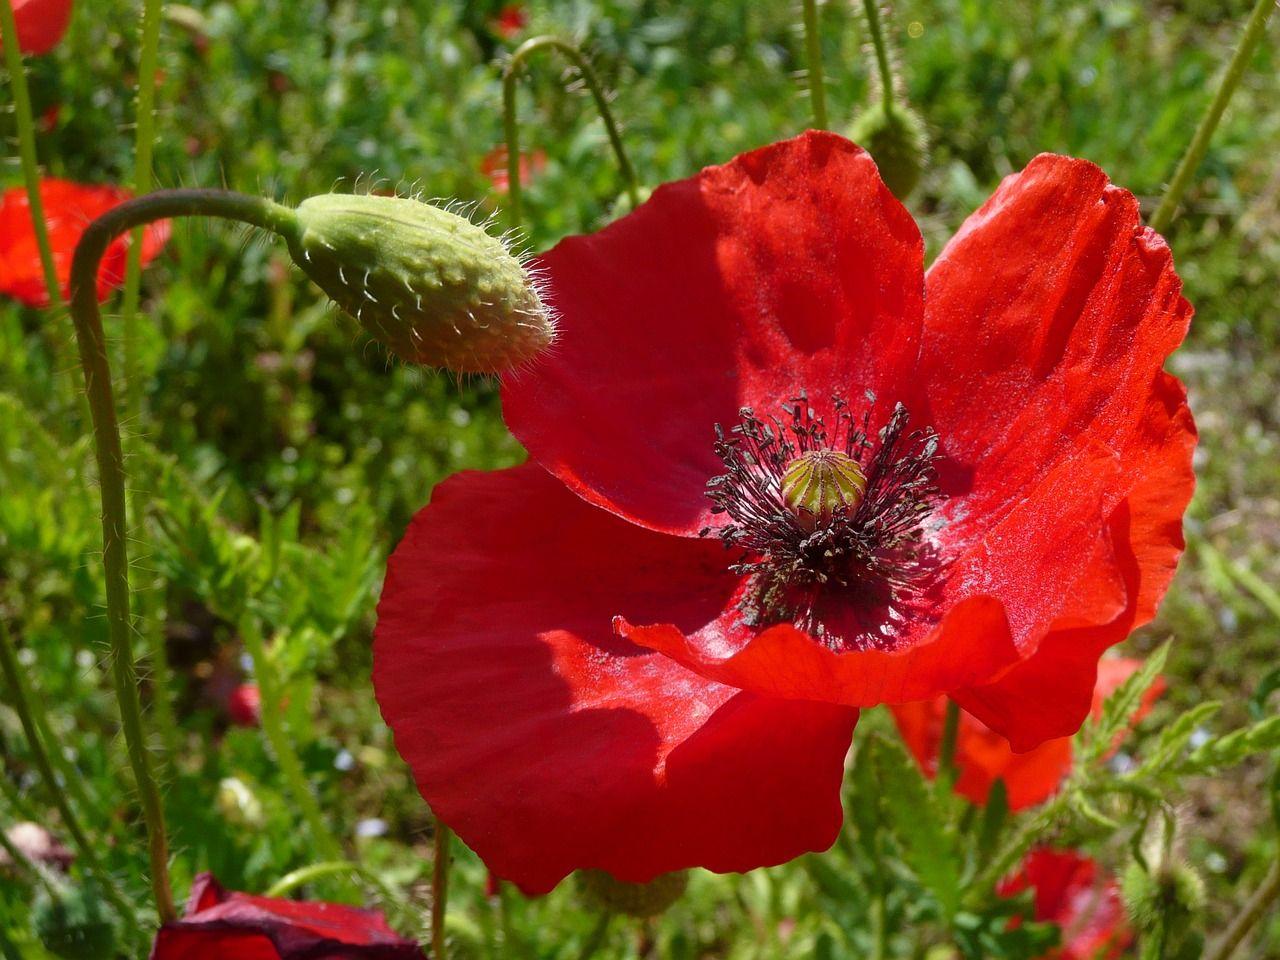 Italy Poppy Field Of Poppies Red Flower Italy Poppy